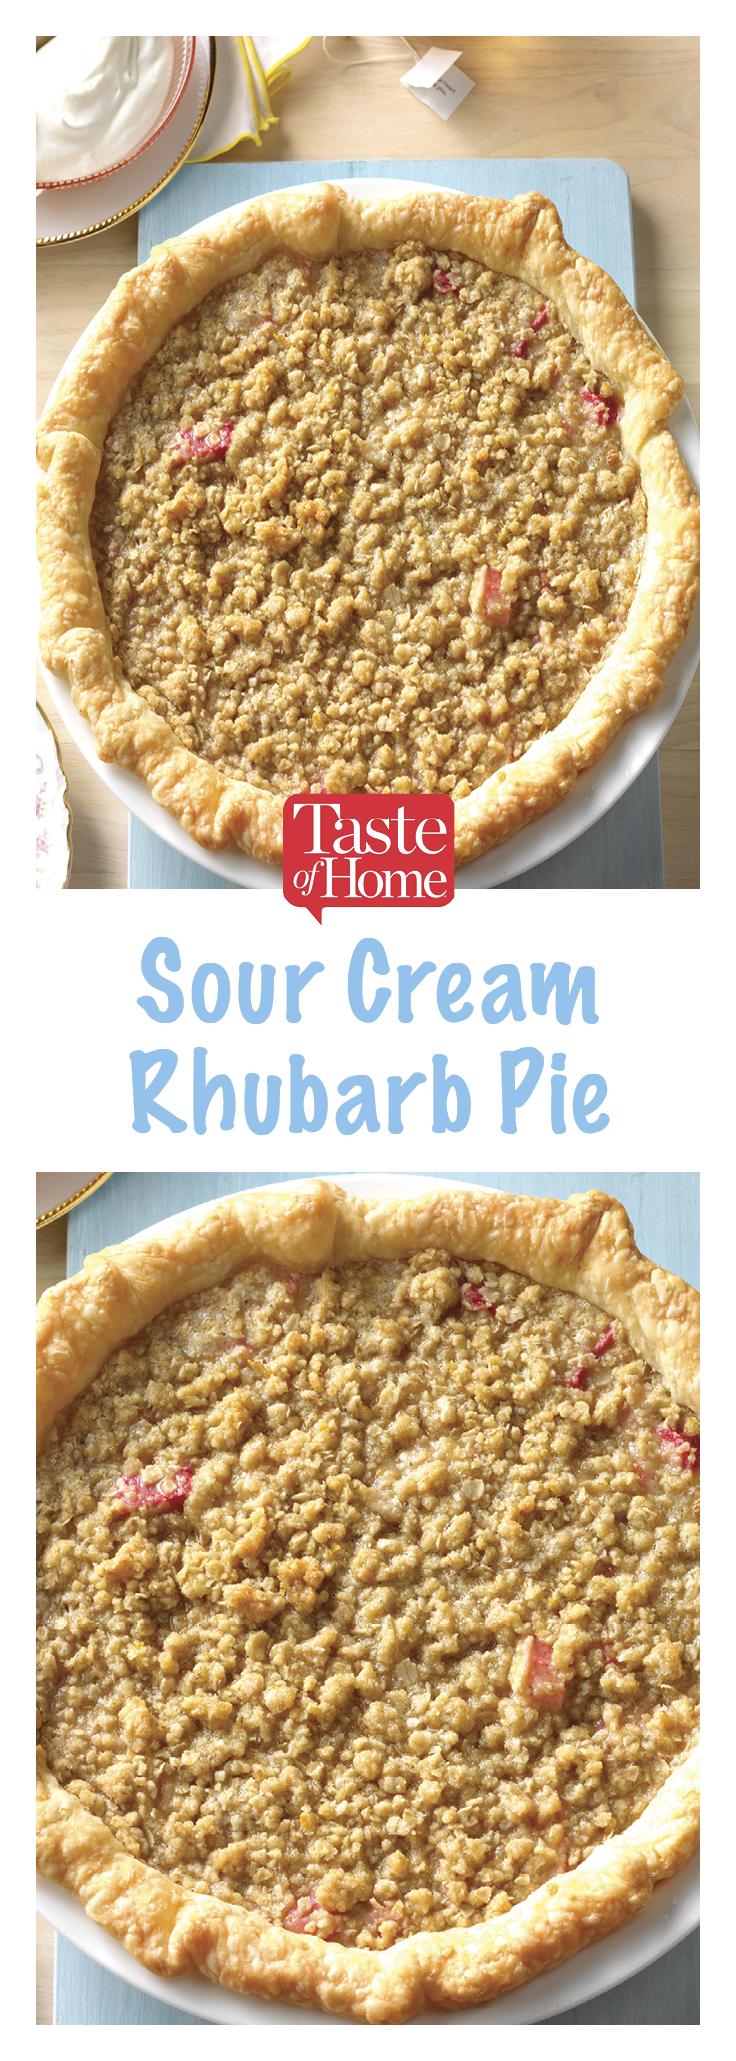 Sour Cream Rhubarb Pie Recipe Sour Cream Recipes Rhubarb Recipes Pie Rhubarb Recipes